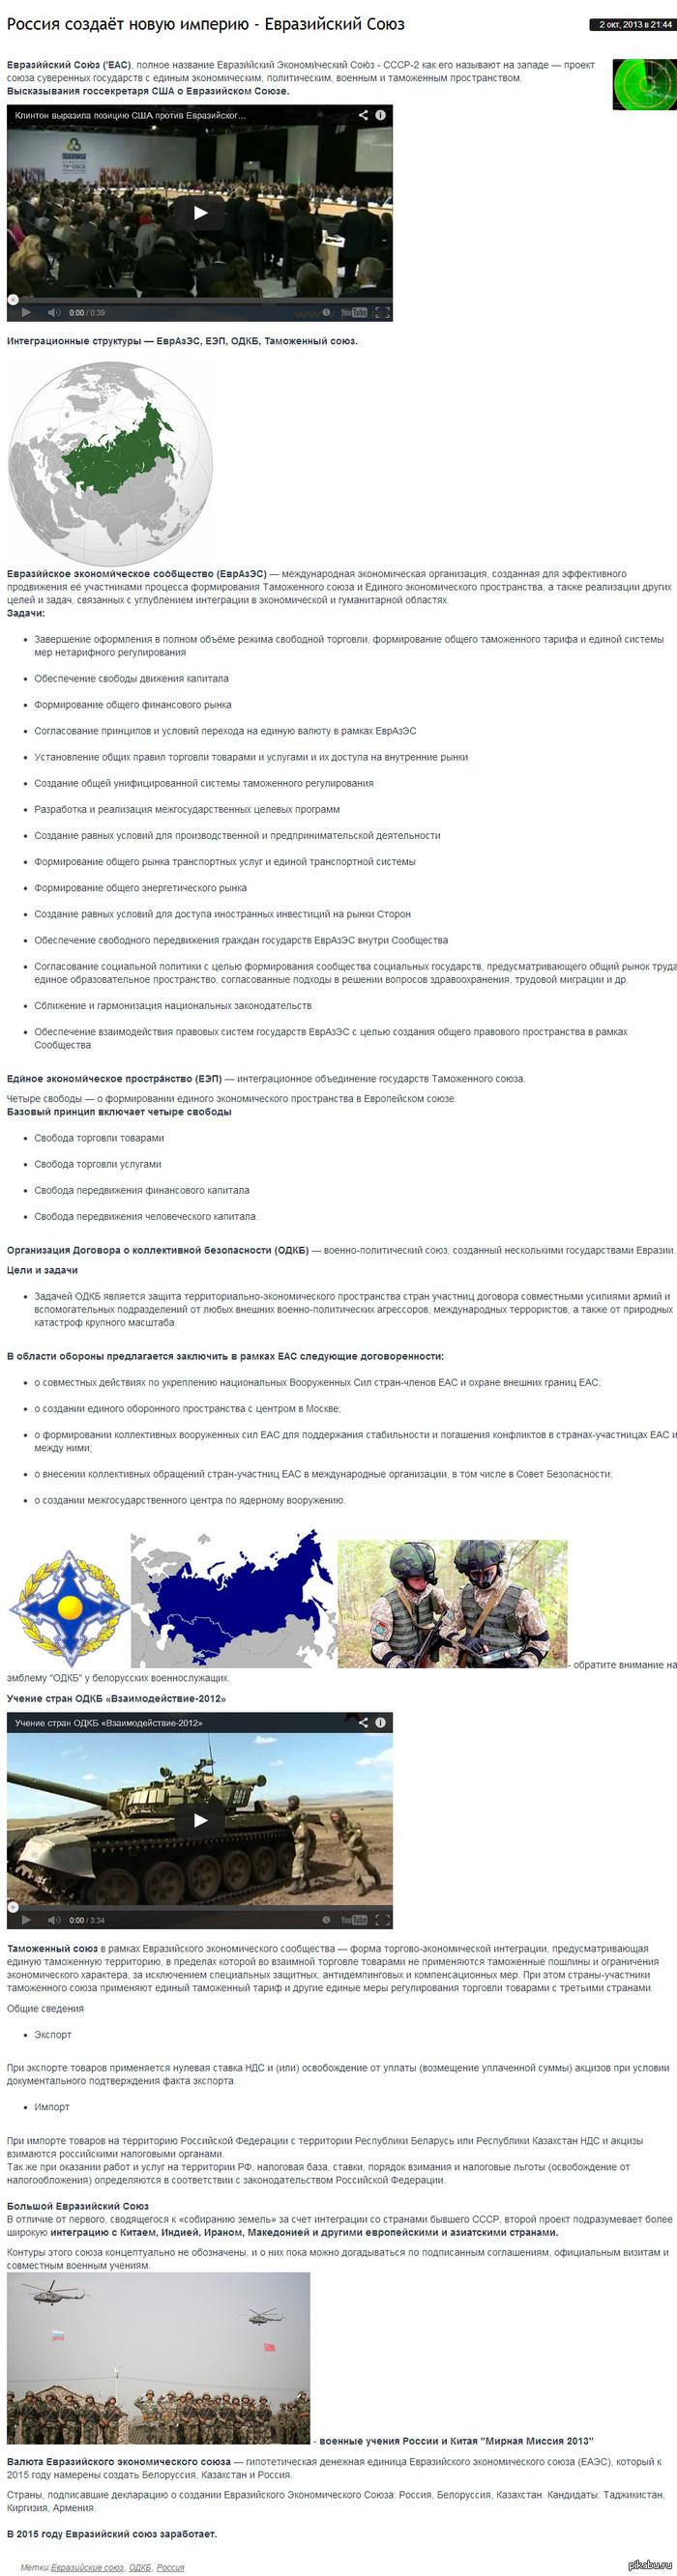 Россия создаёт новую империю - Евразийский Союз нажмите на картинку что бы увеличить